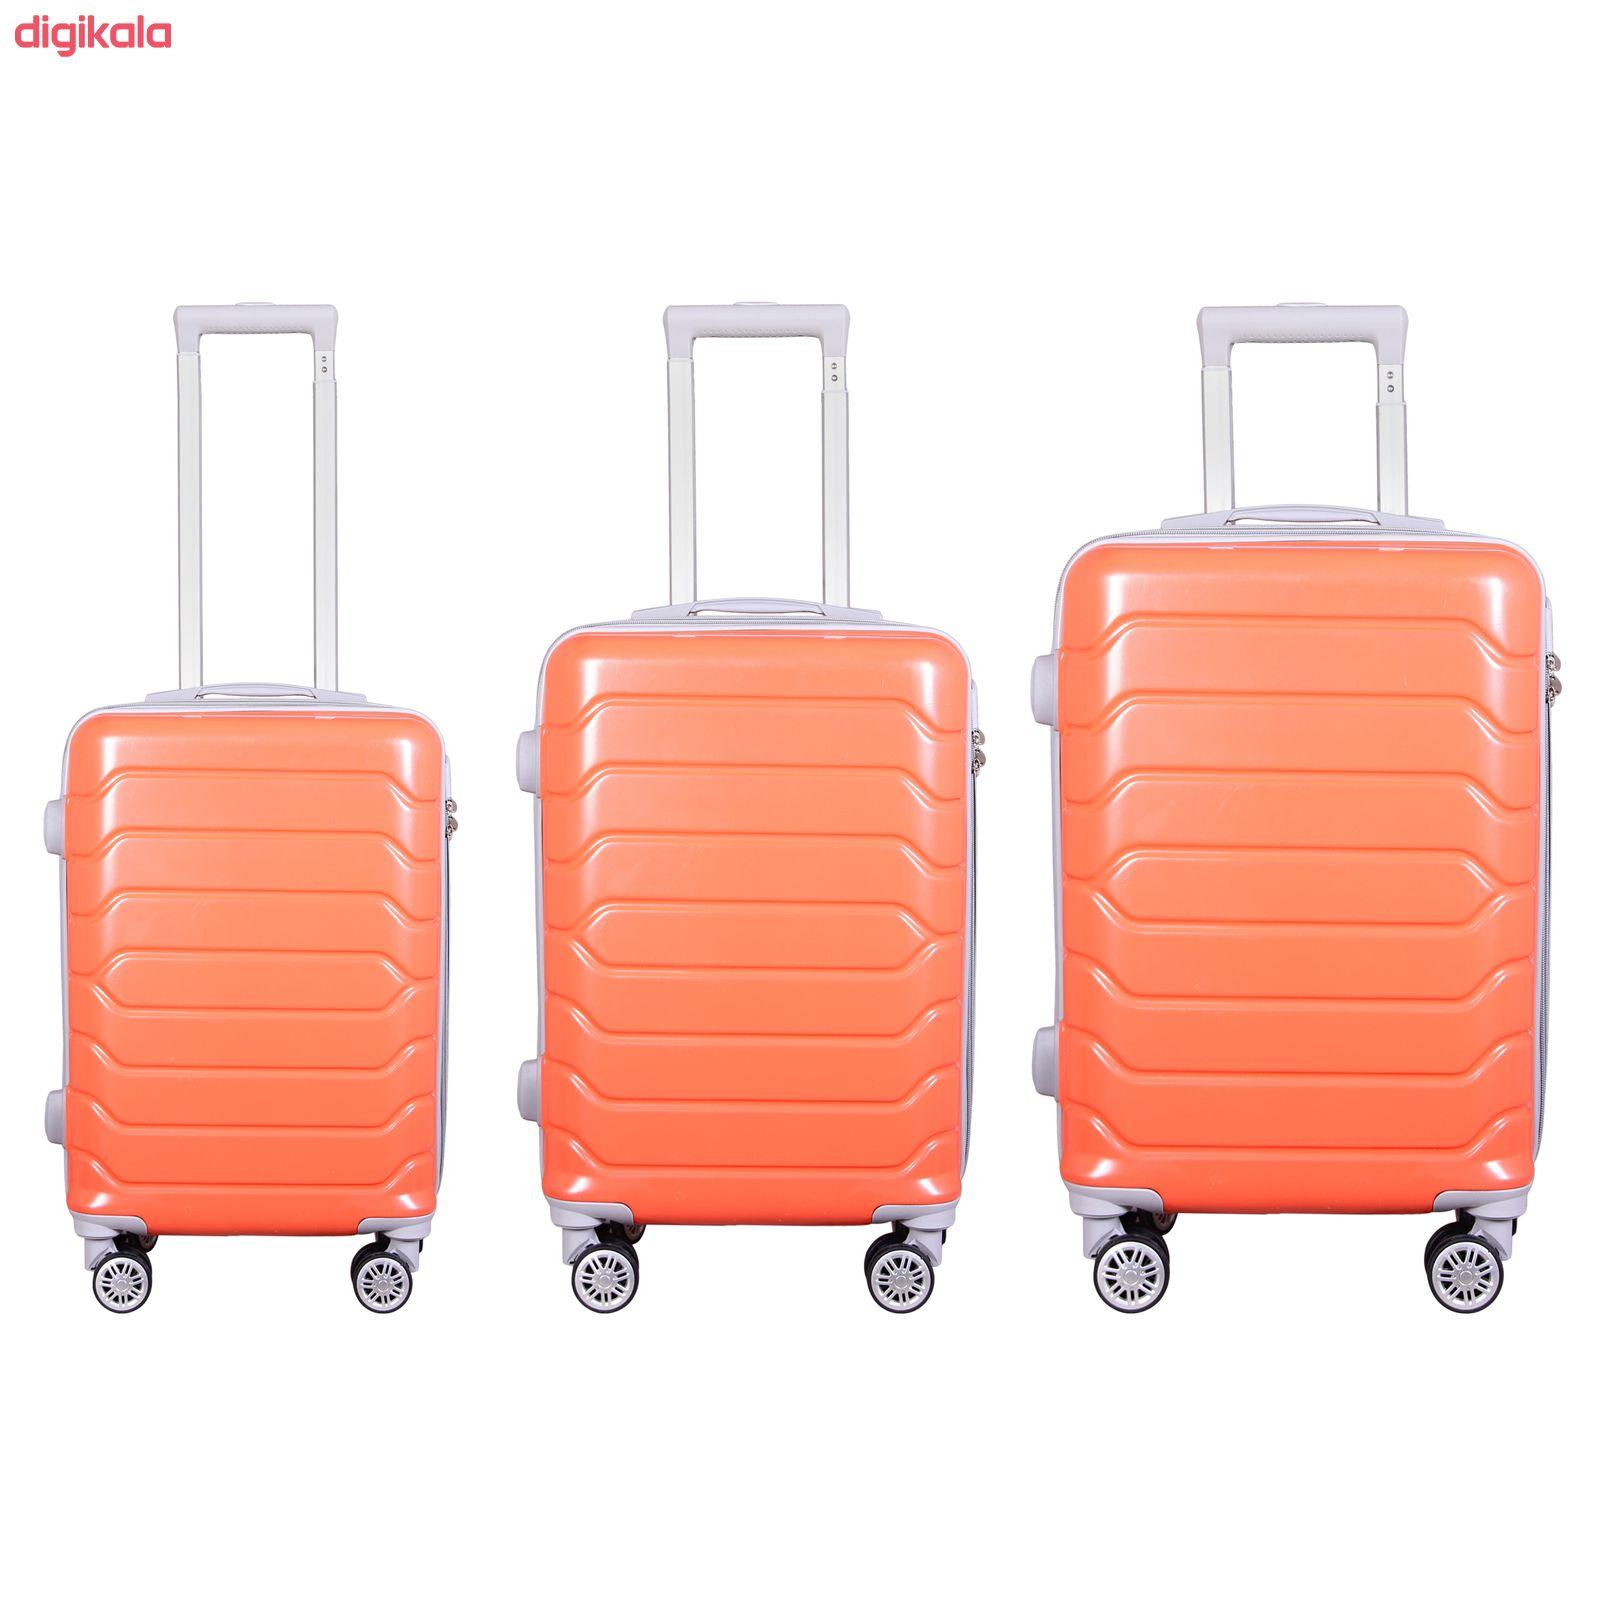 مجموعه سه عددی چمدان مدل 10021 main 1 2